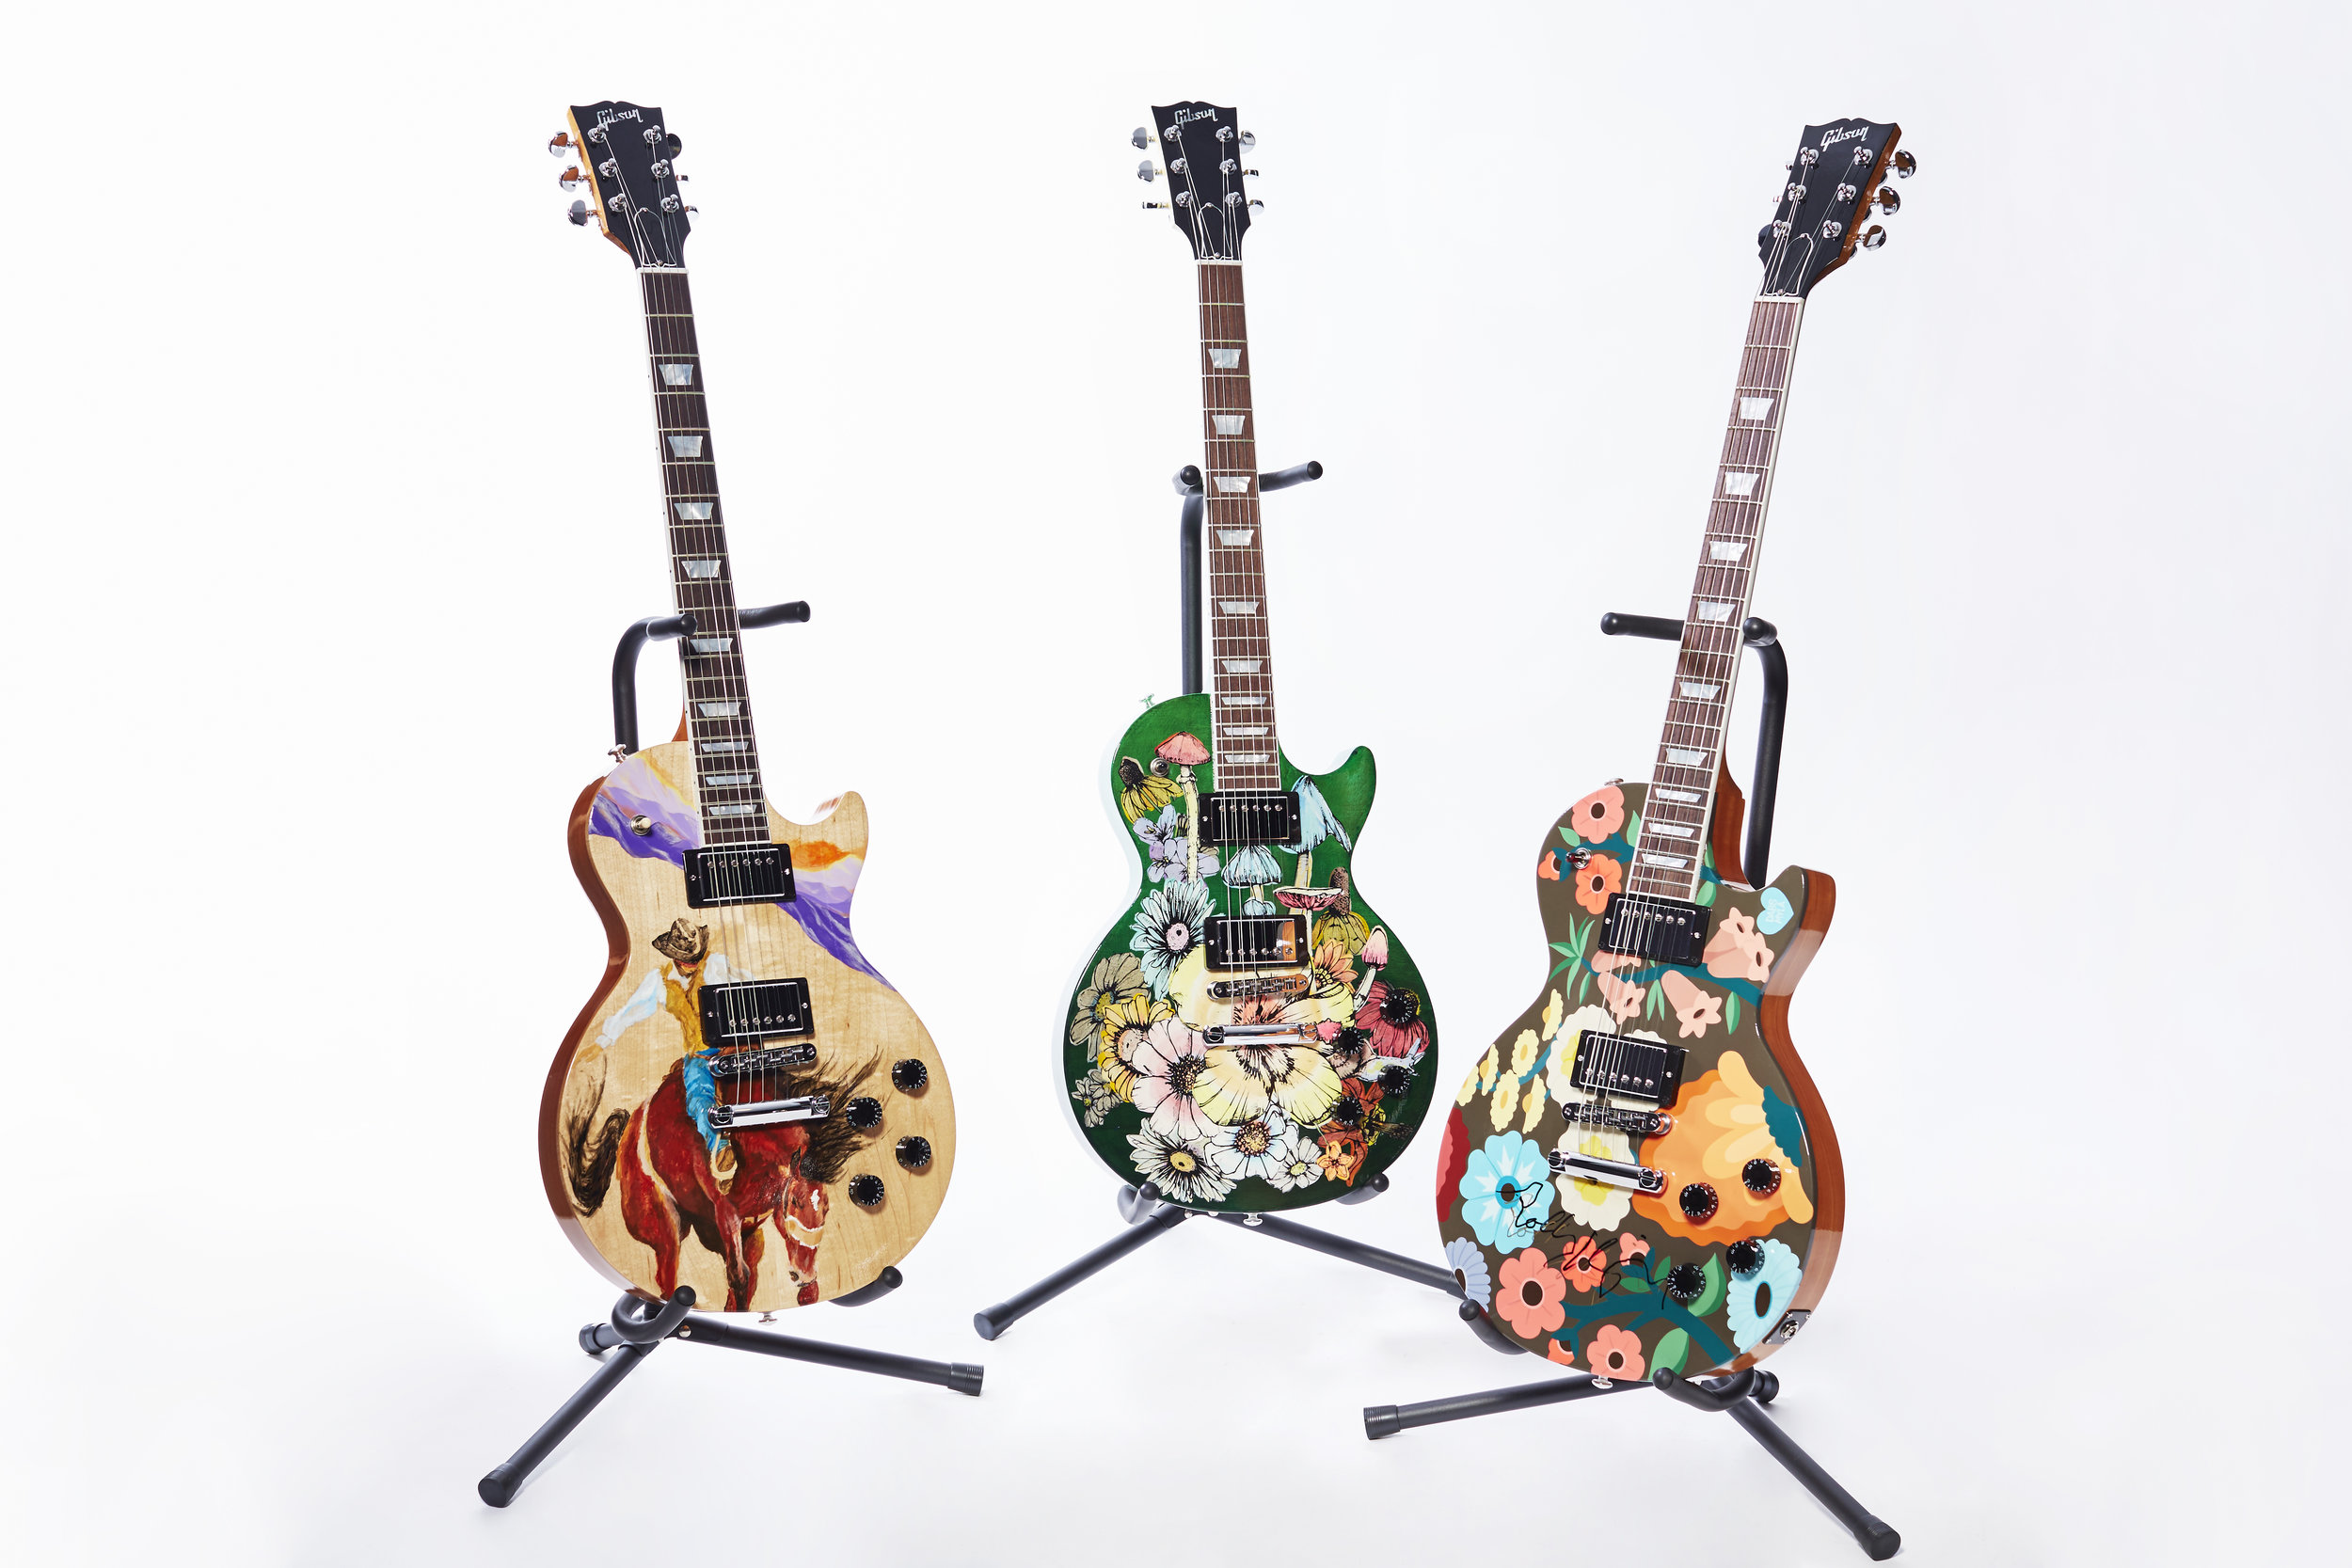 V_STM_Guitar_05_23_2017_0572.jpg